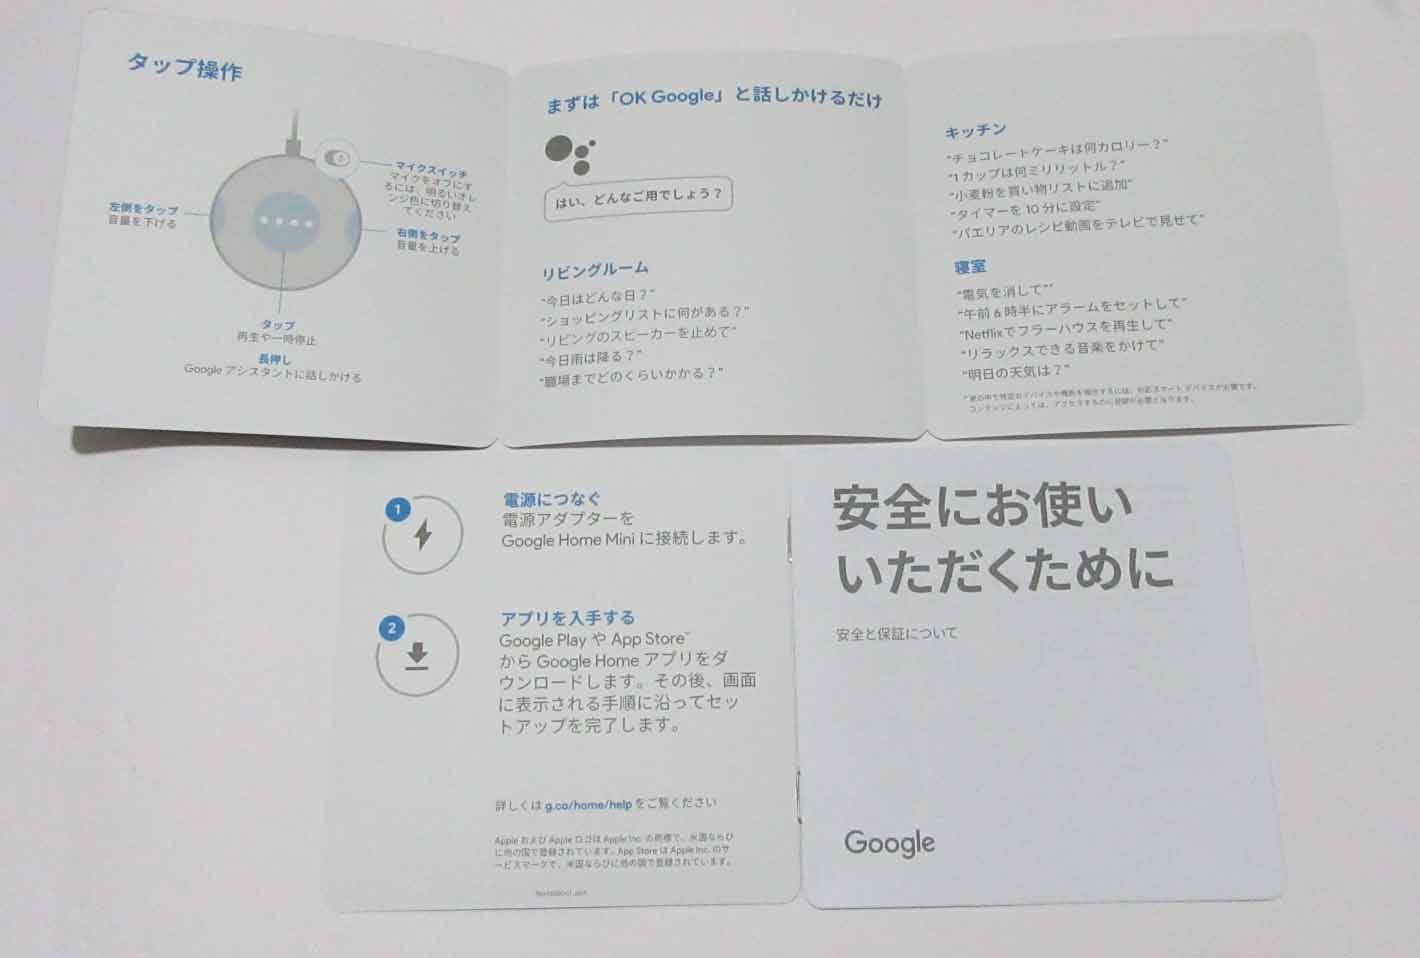 google_home_12.jpg